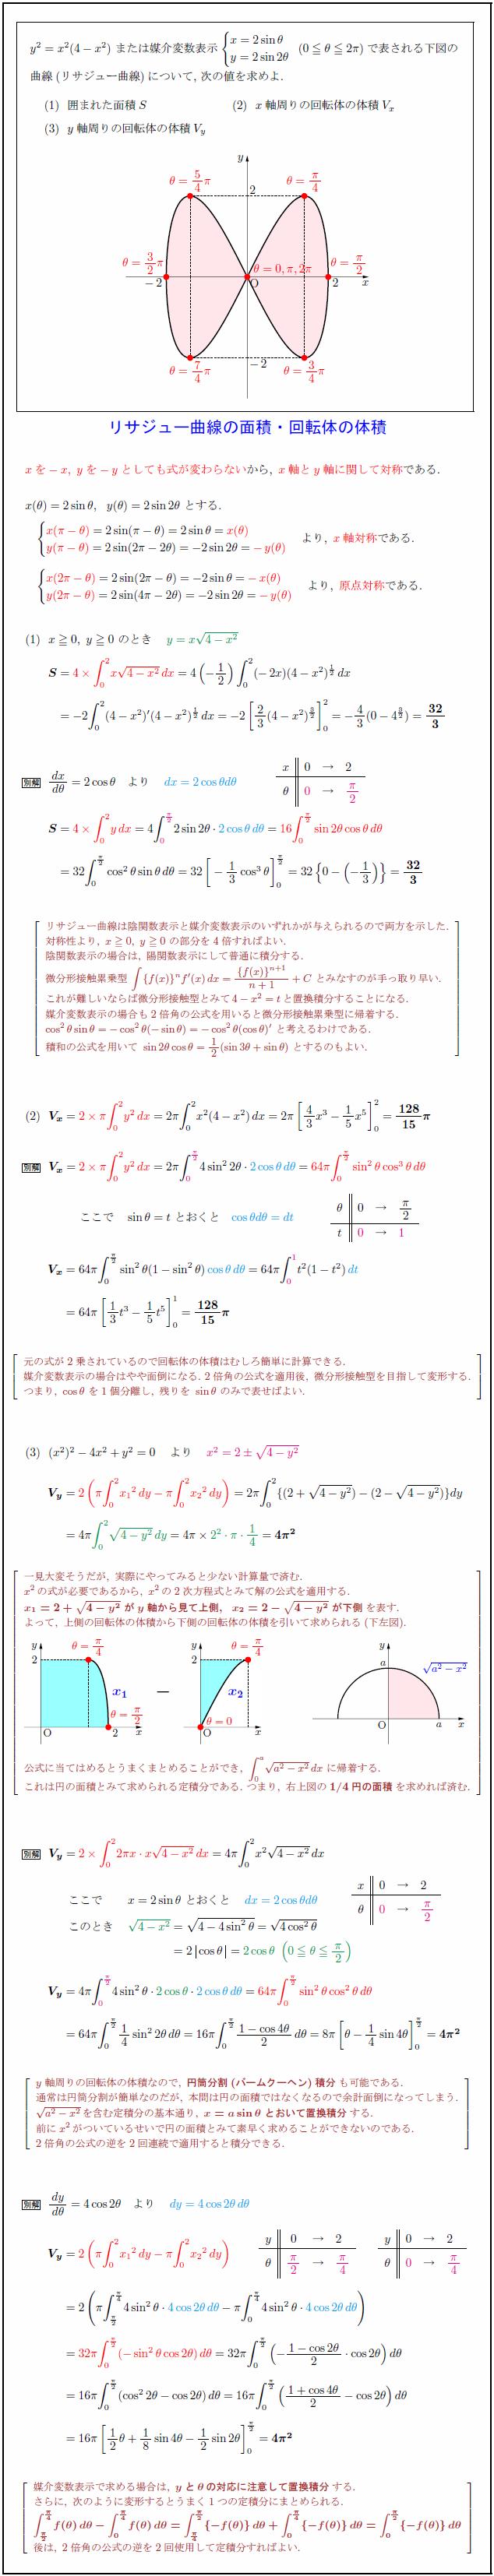 lissajous-curve-svl